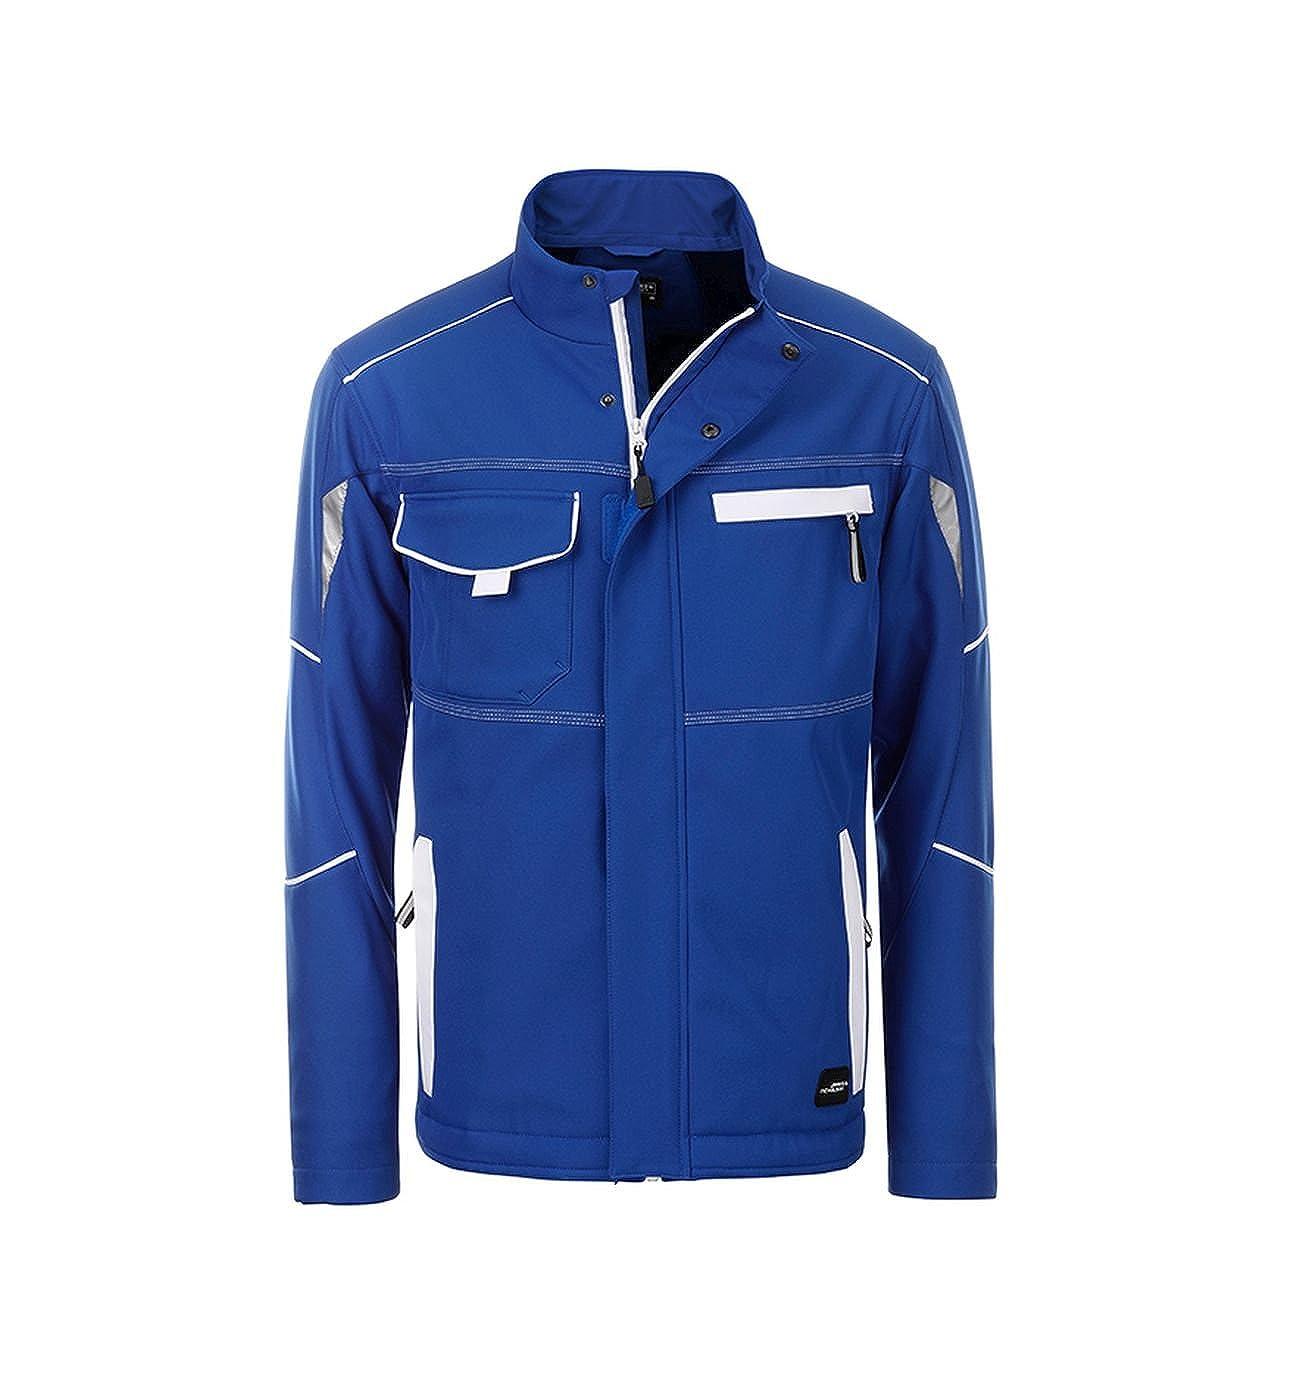 2Store24 Hochwertige Arbeitsjacke Softshell Jacke Arbeitskleidung B0784DH18Q Arbeitskleidung & & & Uniformen Hat einen langen Ruf c07a8f